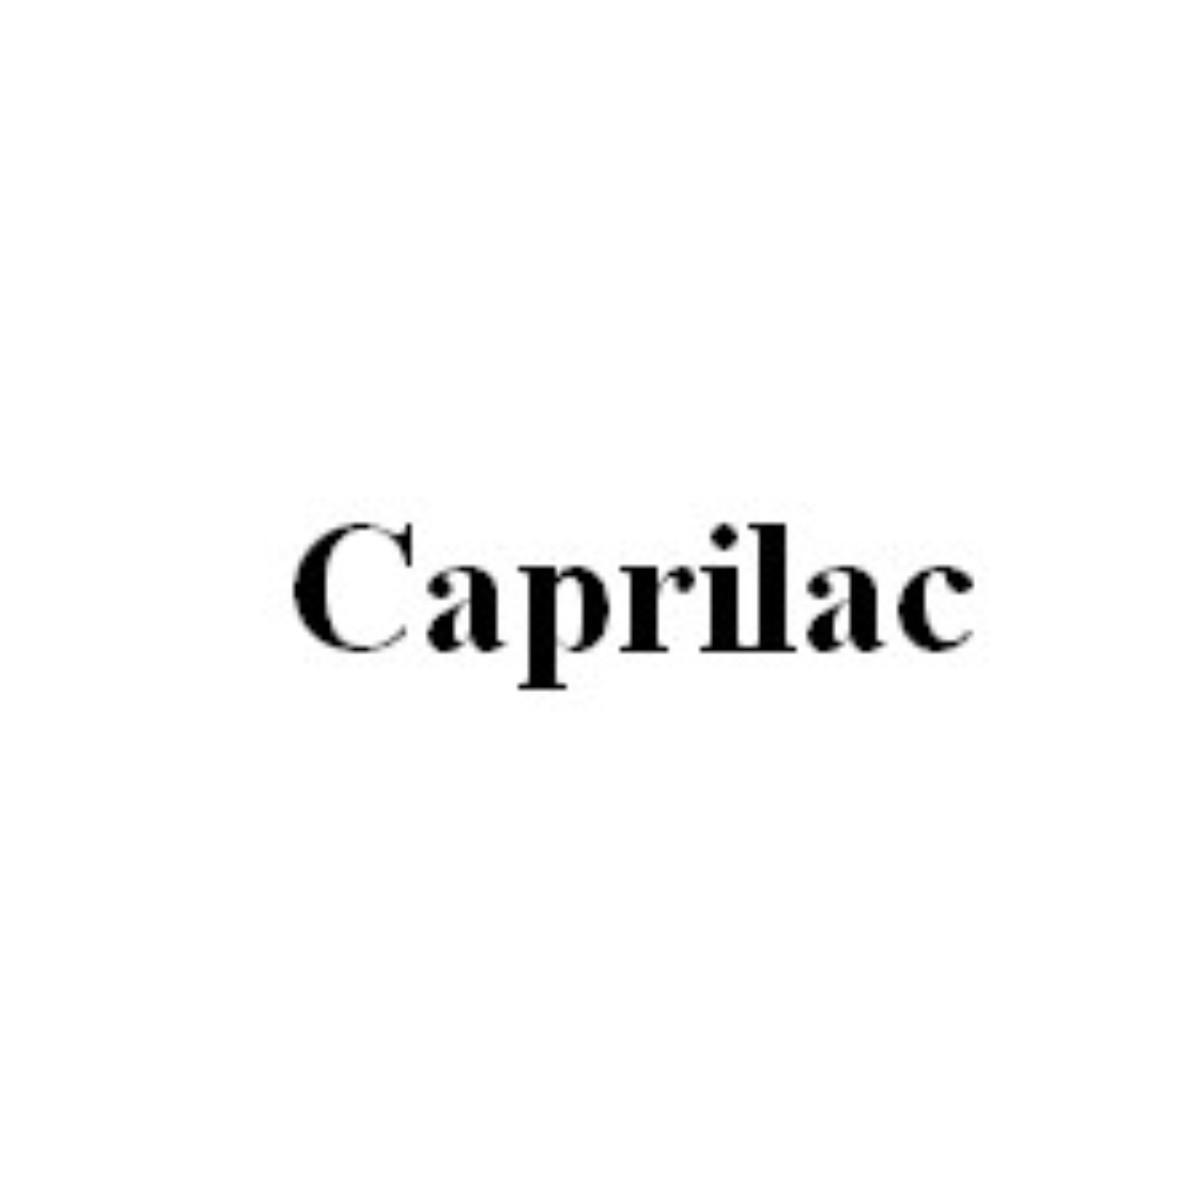 CAPRILAC